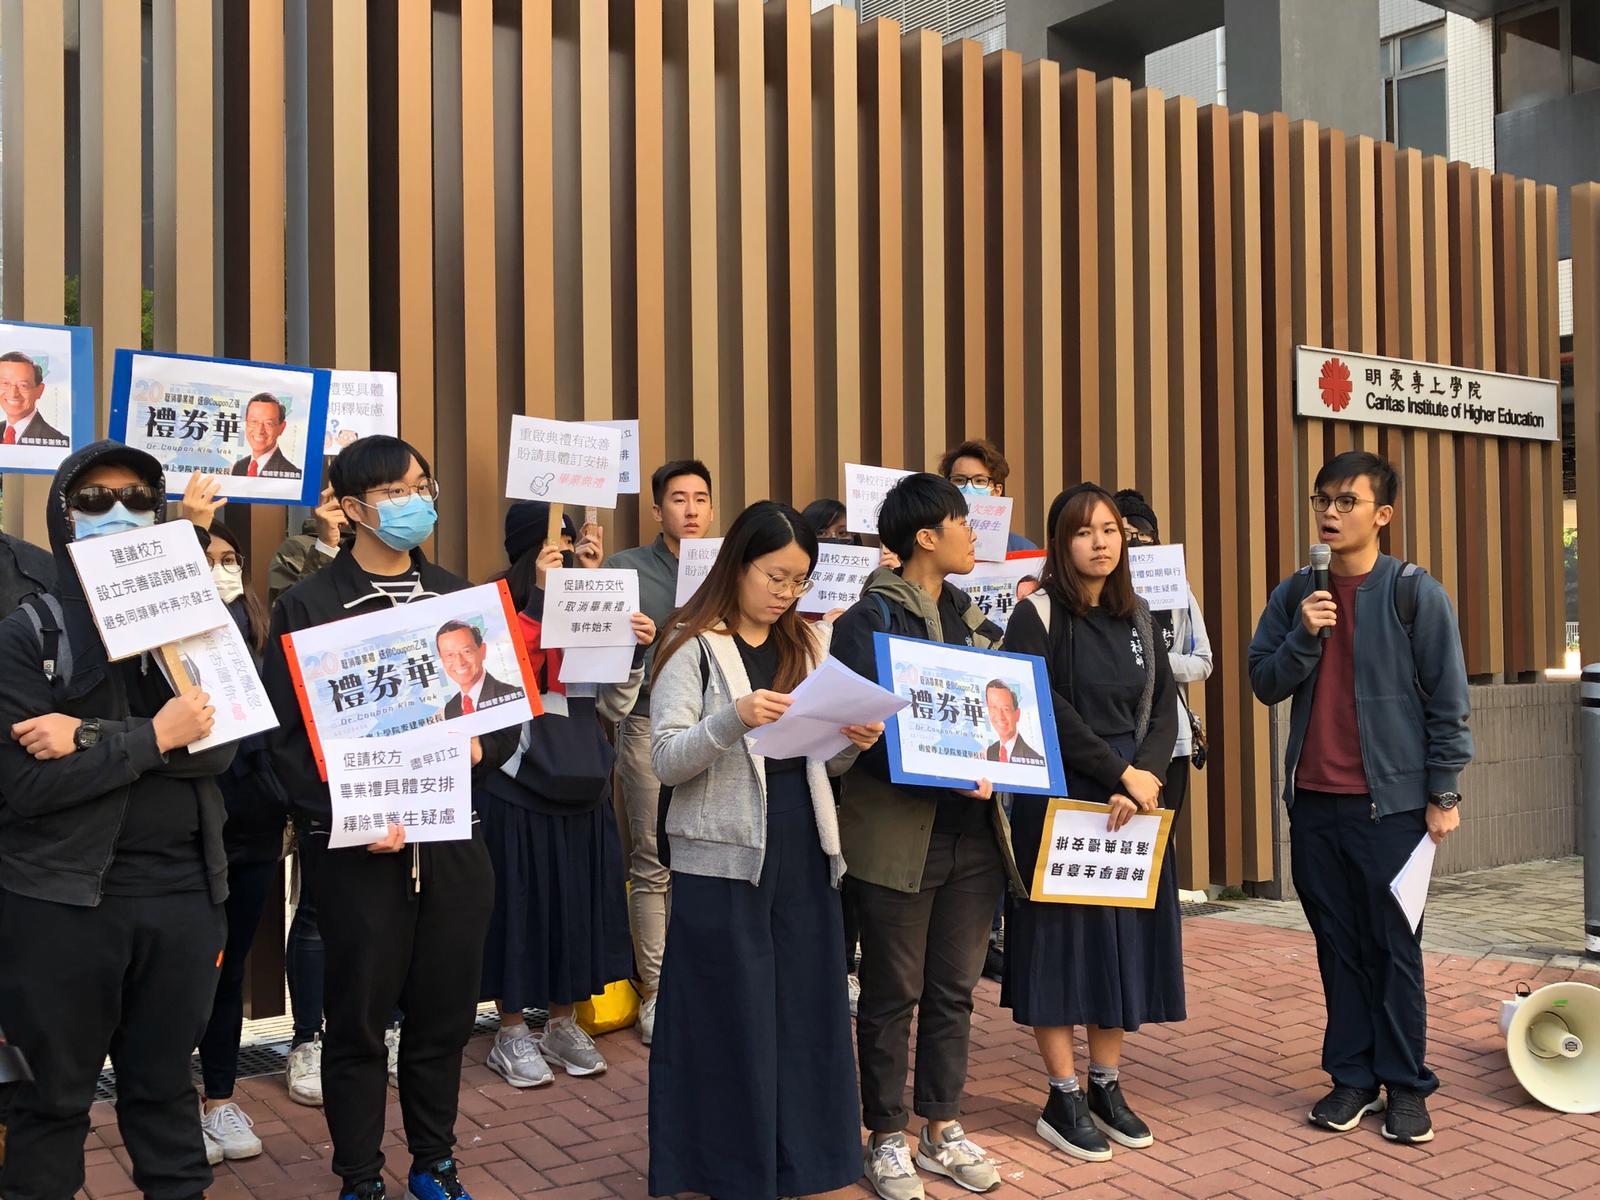 明愛專上學院今午有約廿名應屆畢業生,在校門前舉行「和你Grad」請願行動。